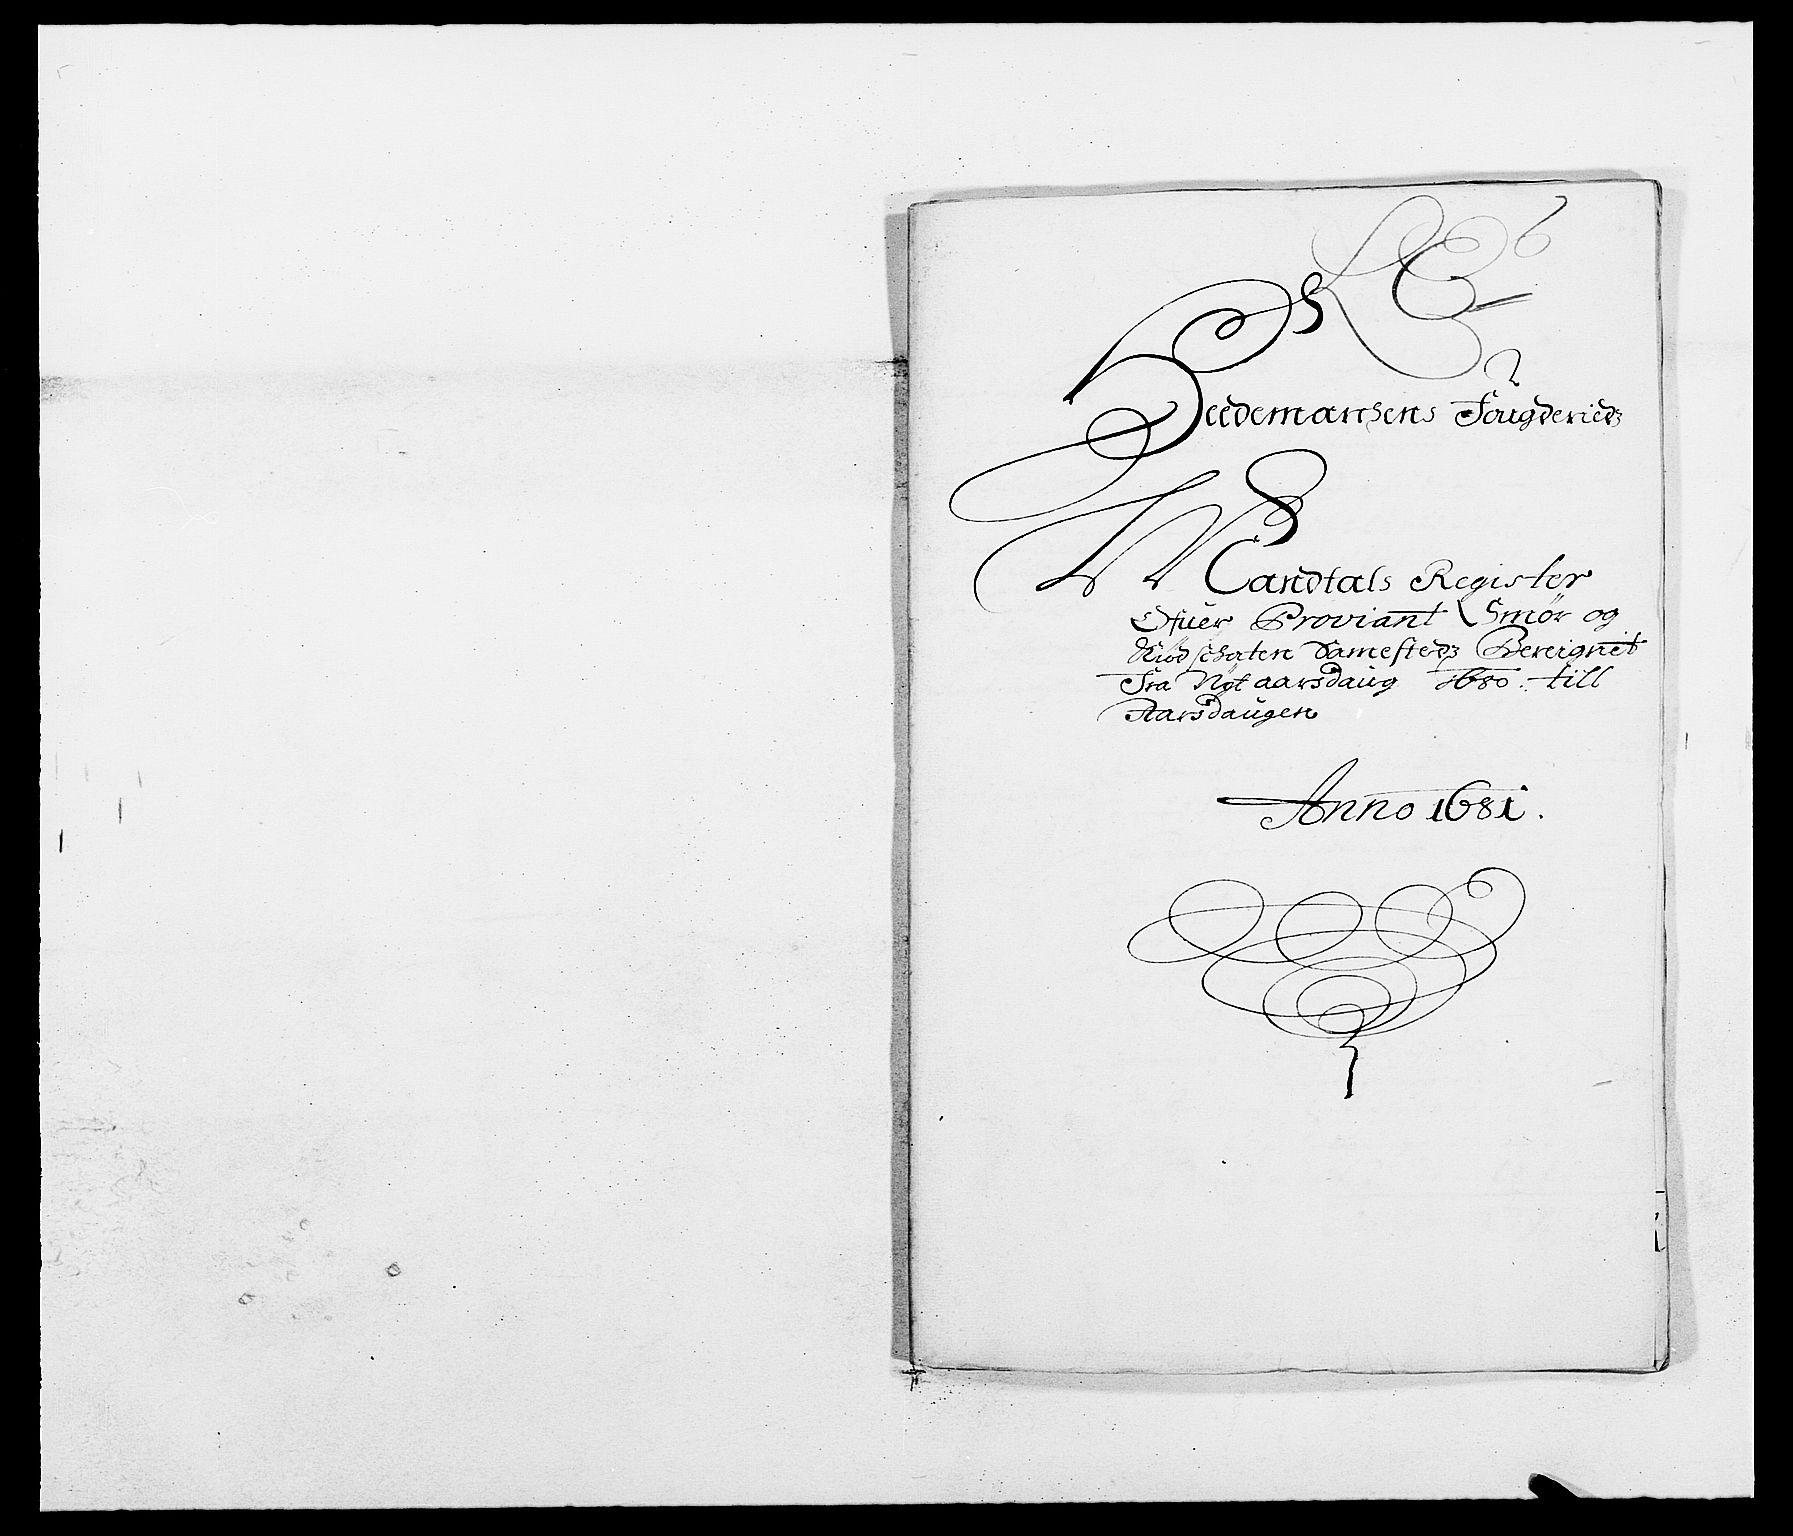 RA, Rentekammeret inntil 1814, Reviderte regnskaper, Fogderegnskap, R16/L1020: Fogderegnskap Hedmark, 1680, s. 180